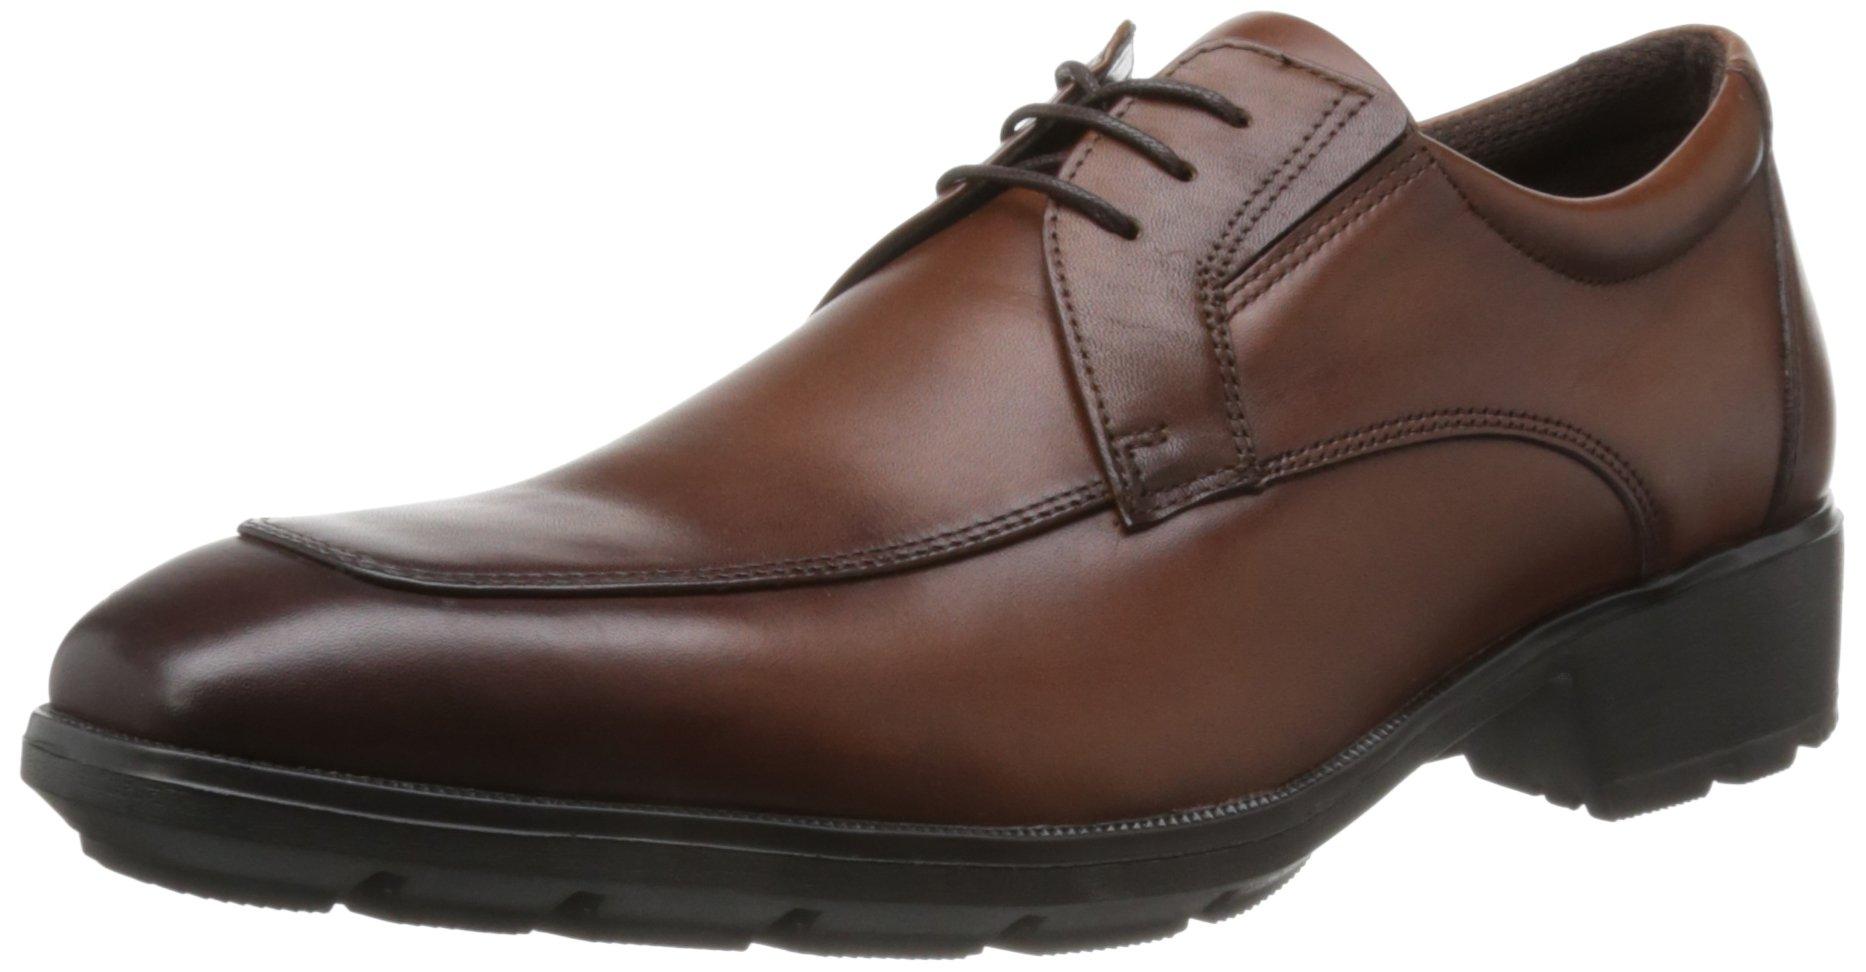 Texcy Luxe Cowhide Sneakers Business (US6.5 JP24.5cm, BROWN)